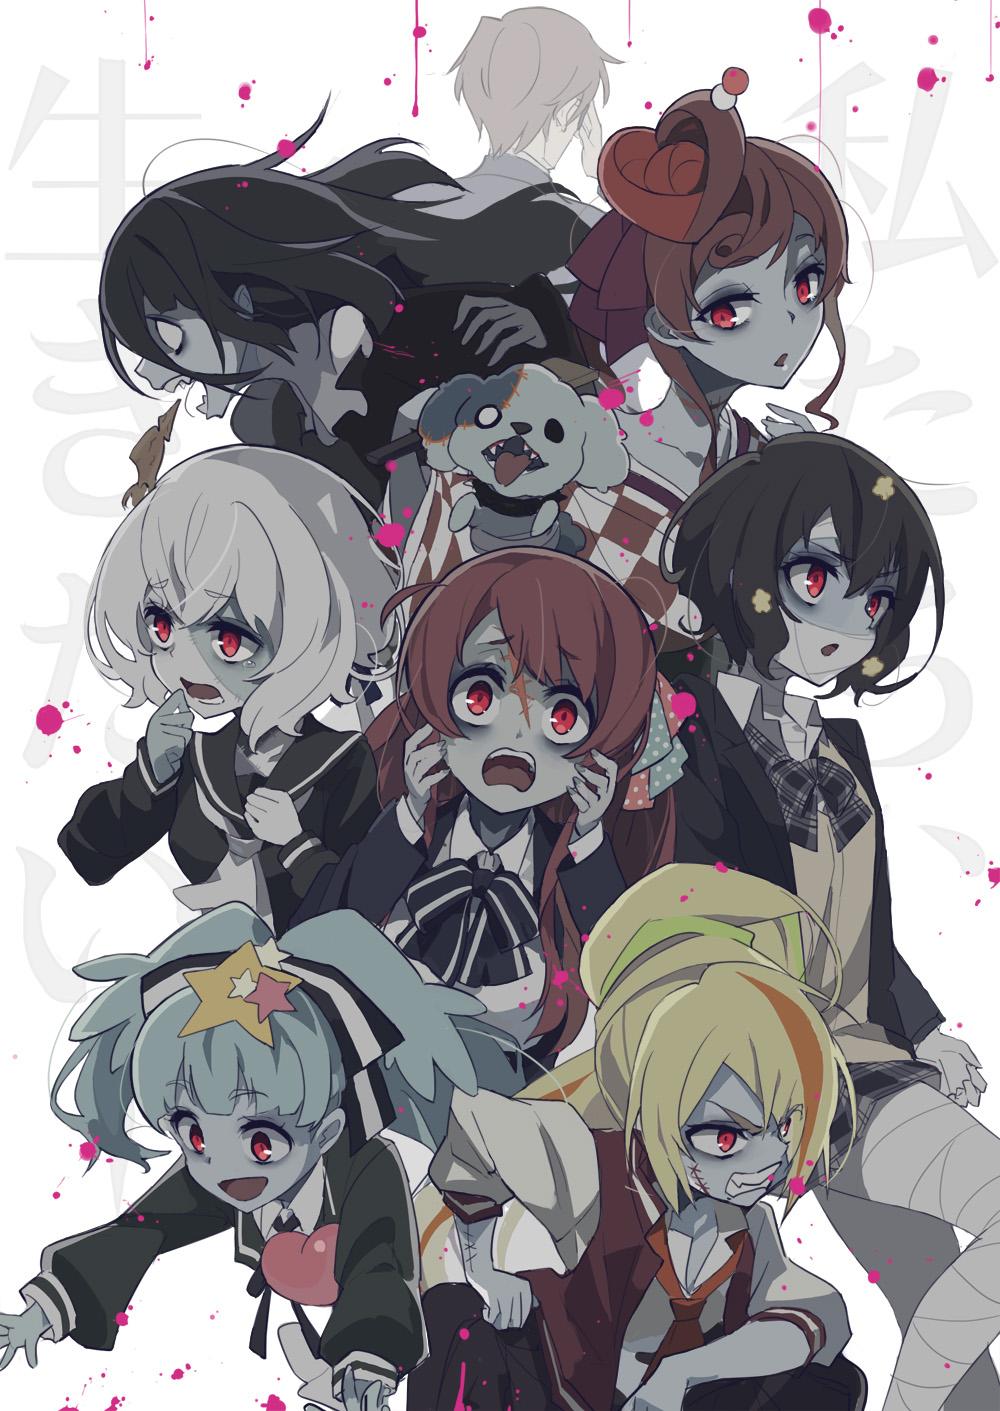 Zombieland Saga Anime Girls Redhead Ribbon School Uniform Zombie 4 Junko Konno Zombie 0 Tae Yamada Z 1000x1411